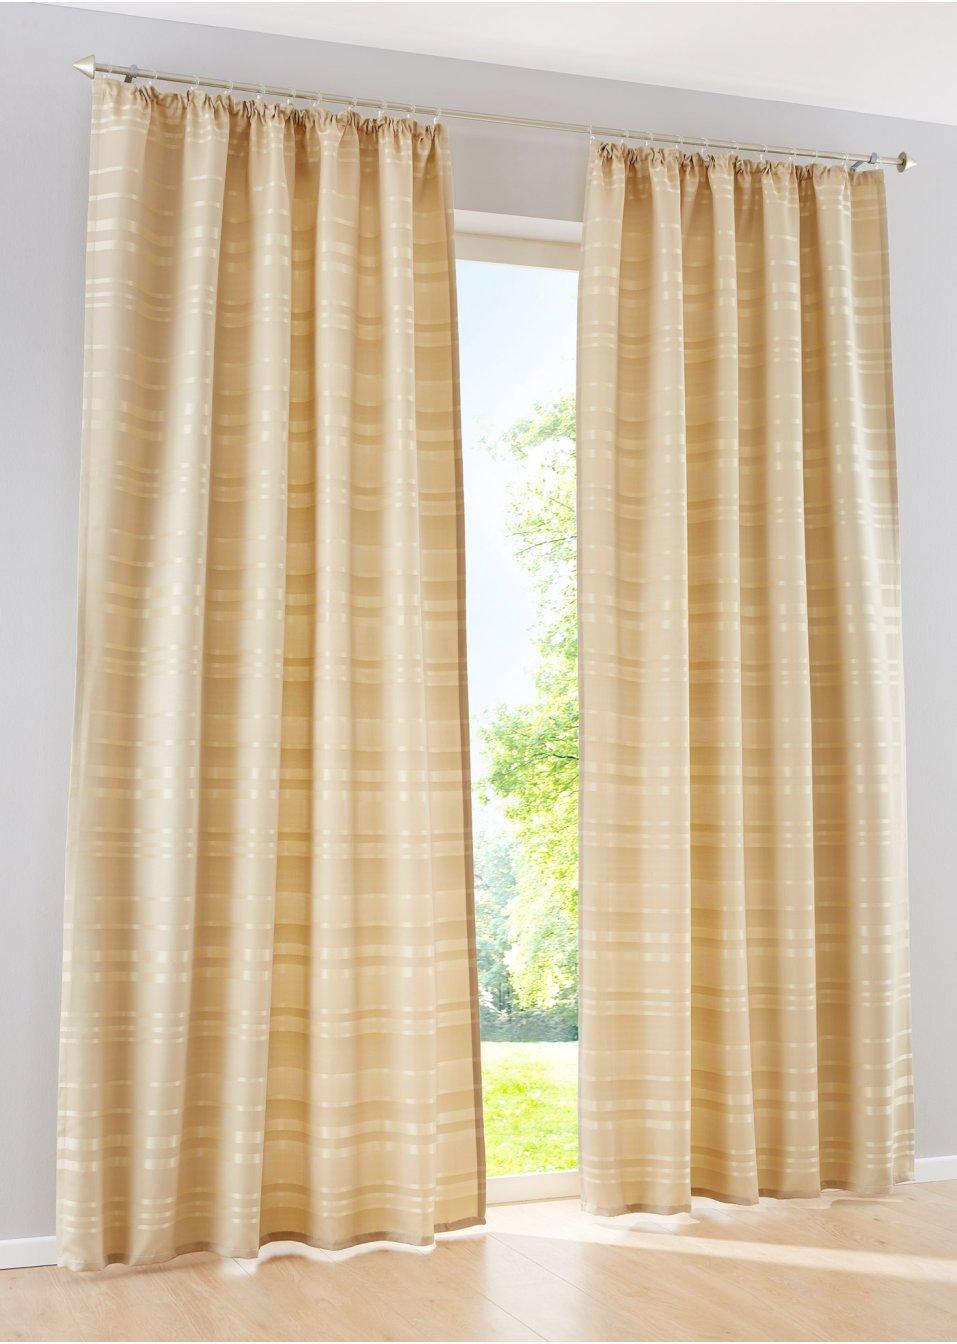 Vorhang stripes 1er pack sand wohnen - Bonprix vorhang ...